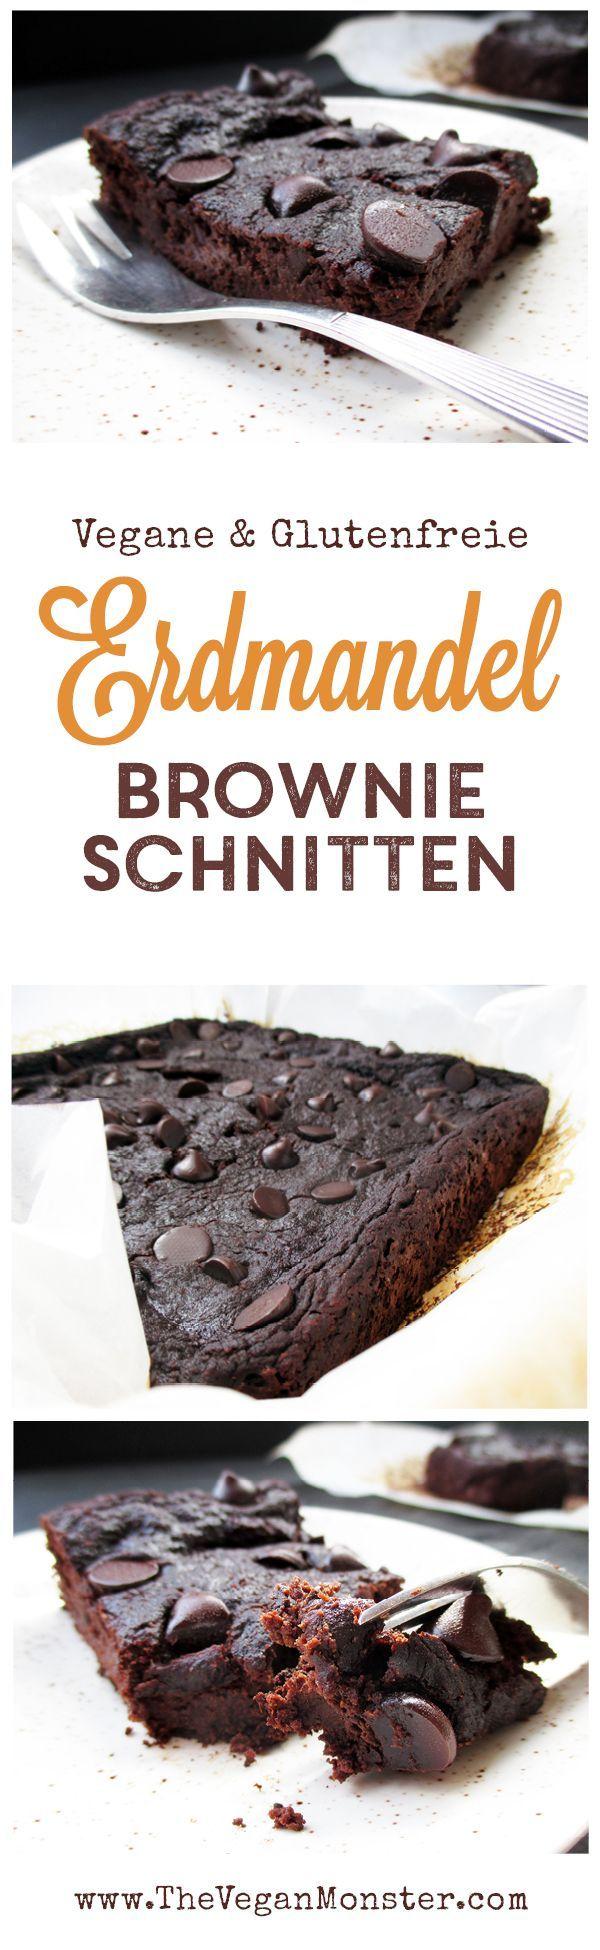 Erdmandel Brownie Schnitten. Vegan, glutenfrei, ohne Kristallzucker, ohne Nüsse.